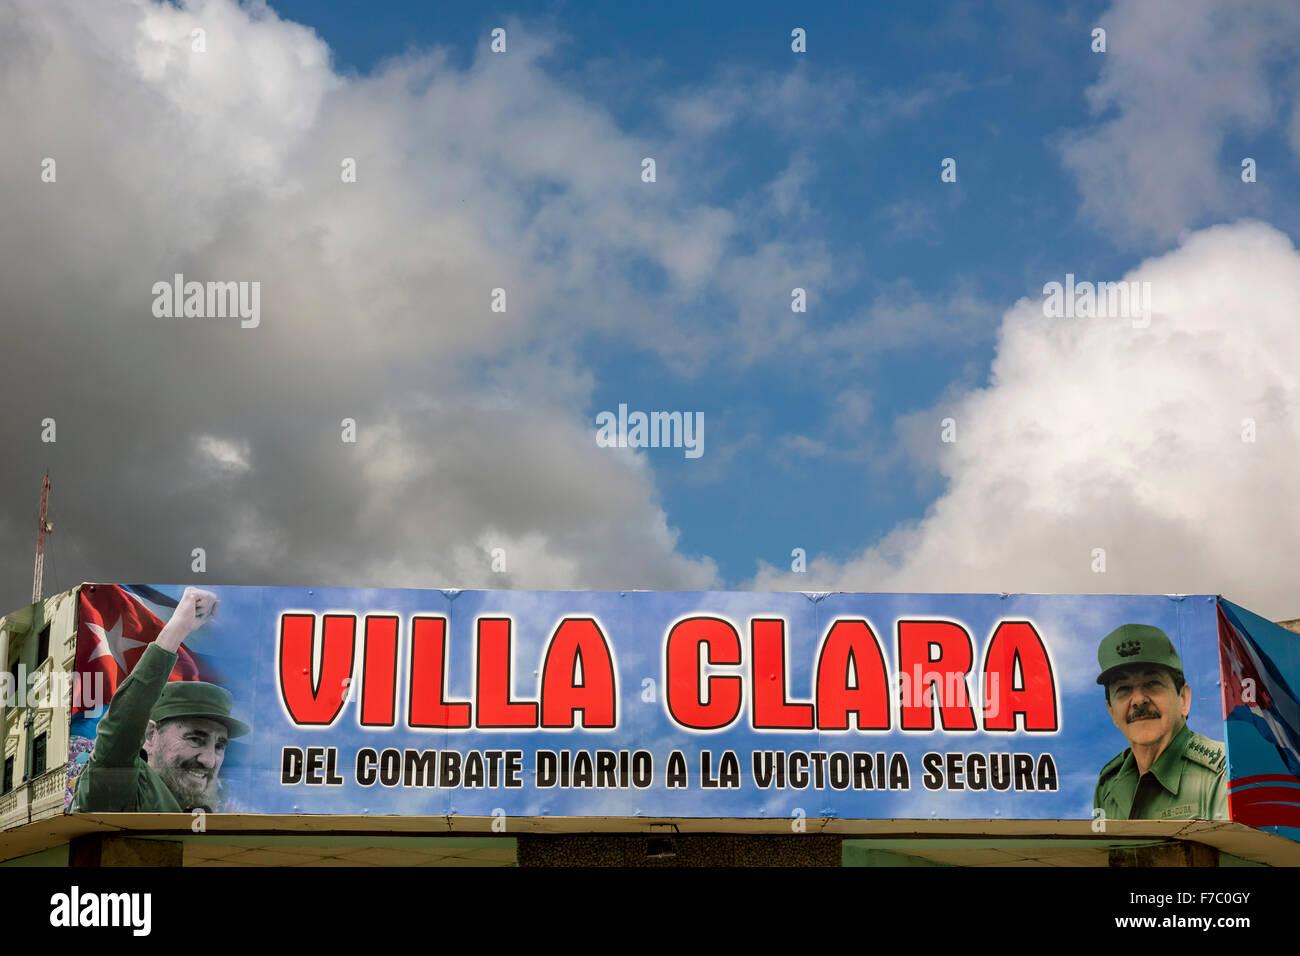 Comandante Fidel Castro auf einem Plakat in der Innenstadt, Street Life im Zentrum von Santa Clara im Parque de Stockbild